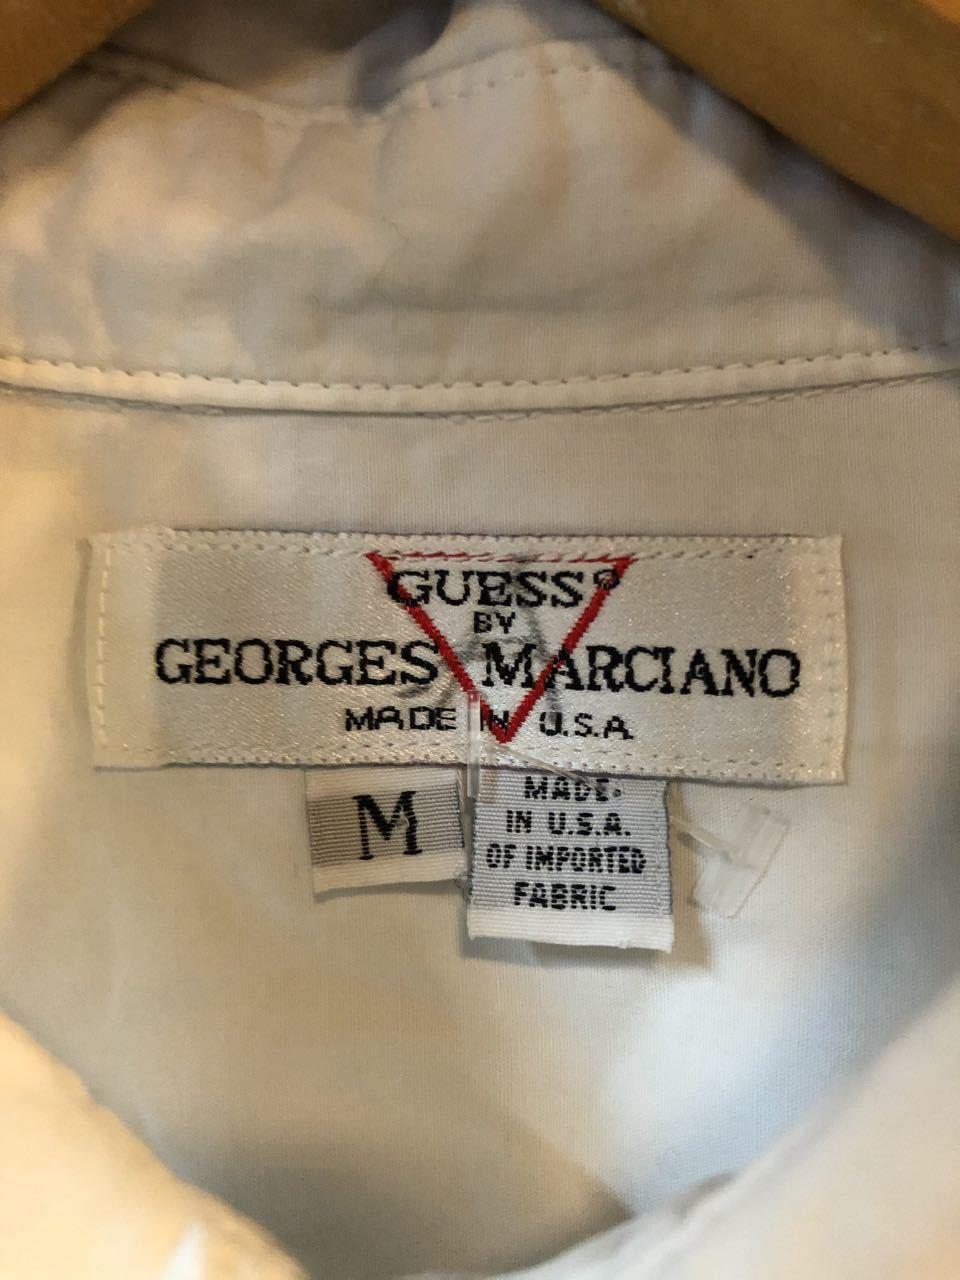 2月3日(月)入荷!GUESS  by GEOGES MARCIANO MADE IN U.S.A white shirts!!  白シャツ!_c0144020_13035126.jpg